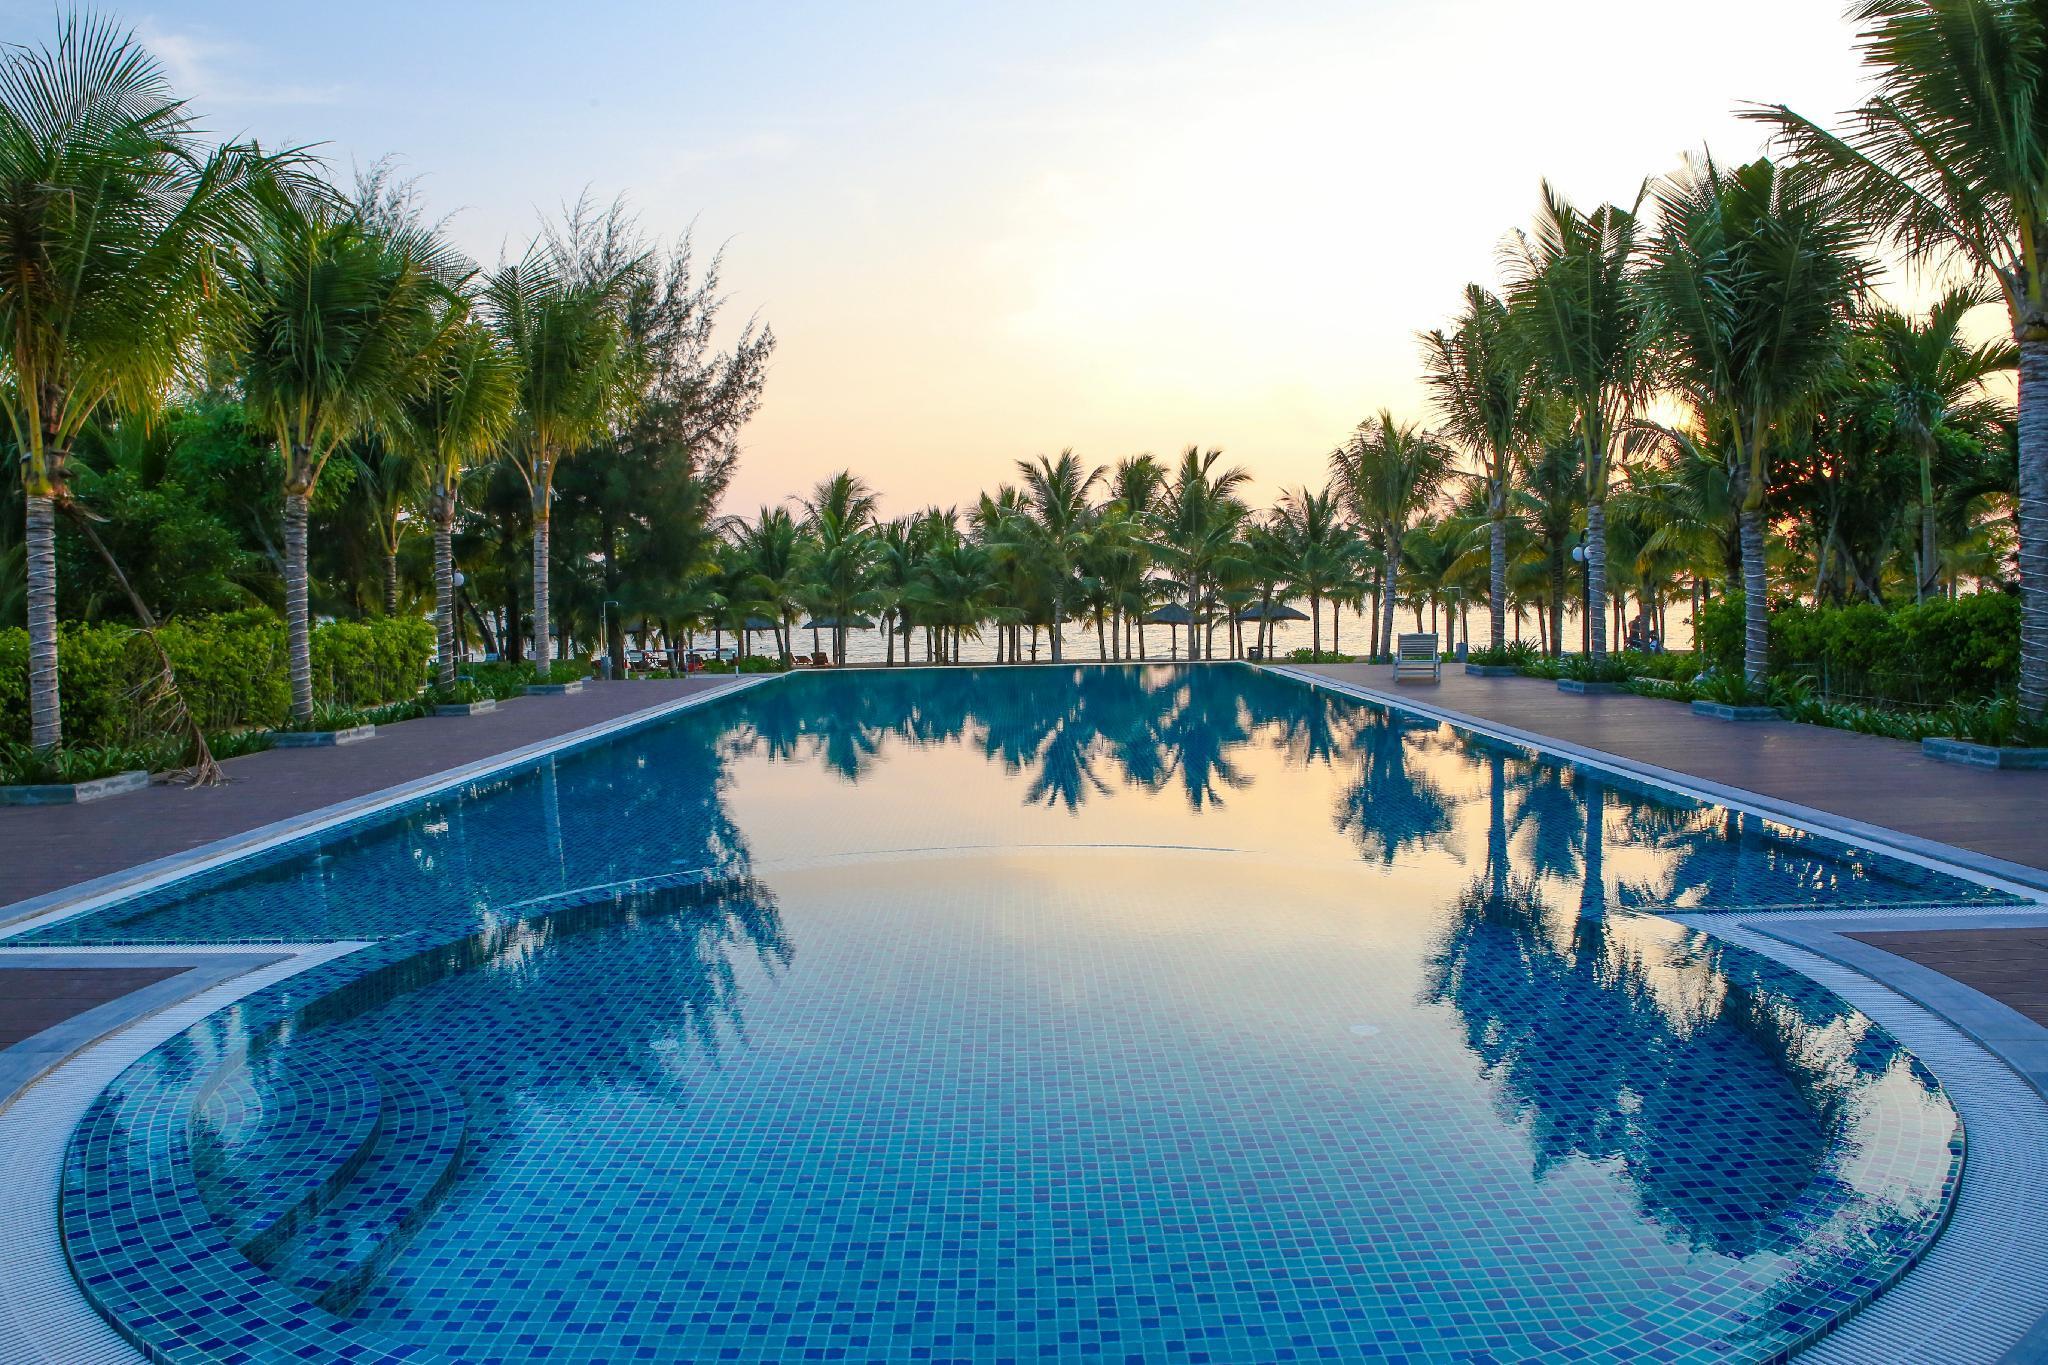 M Villas Beach Side 3 BR Villa W A Private Pool